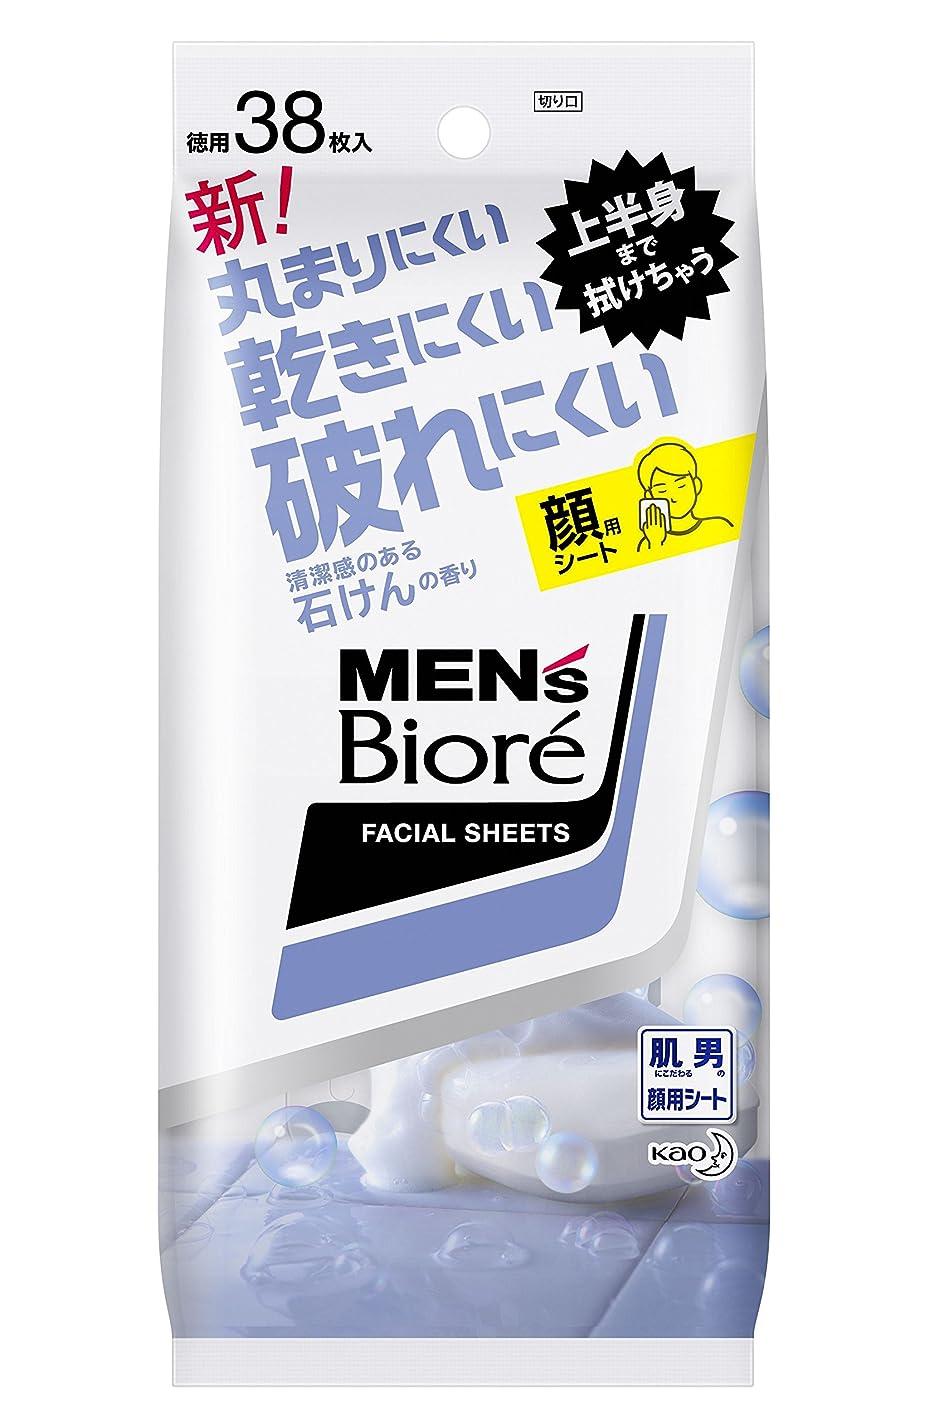 大胆モニター嫌悪メンズビオレ 洗顔シート 清潔感のある石けんの香り <卓上タイプ> 38枚入